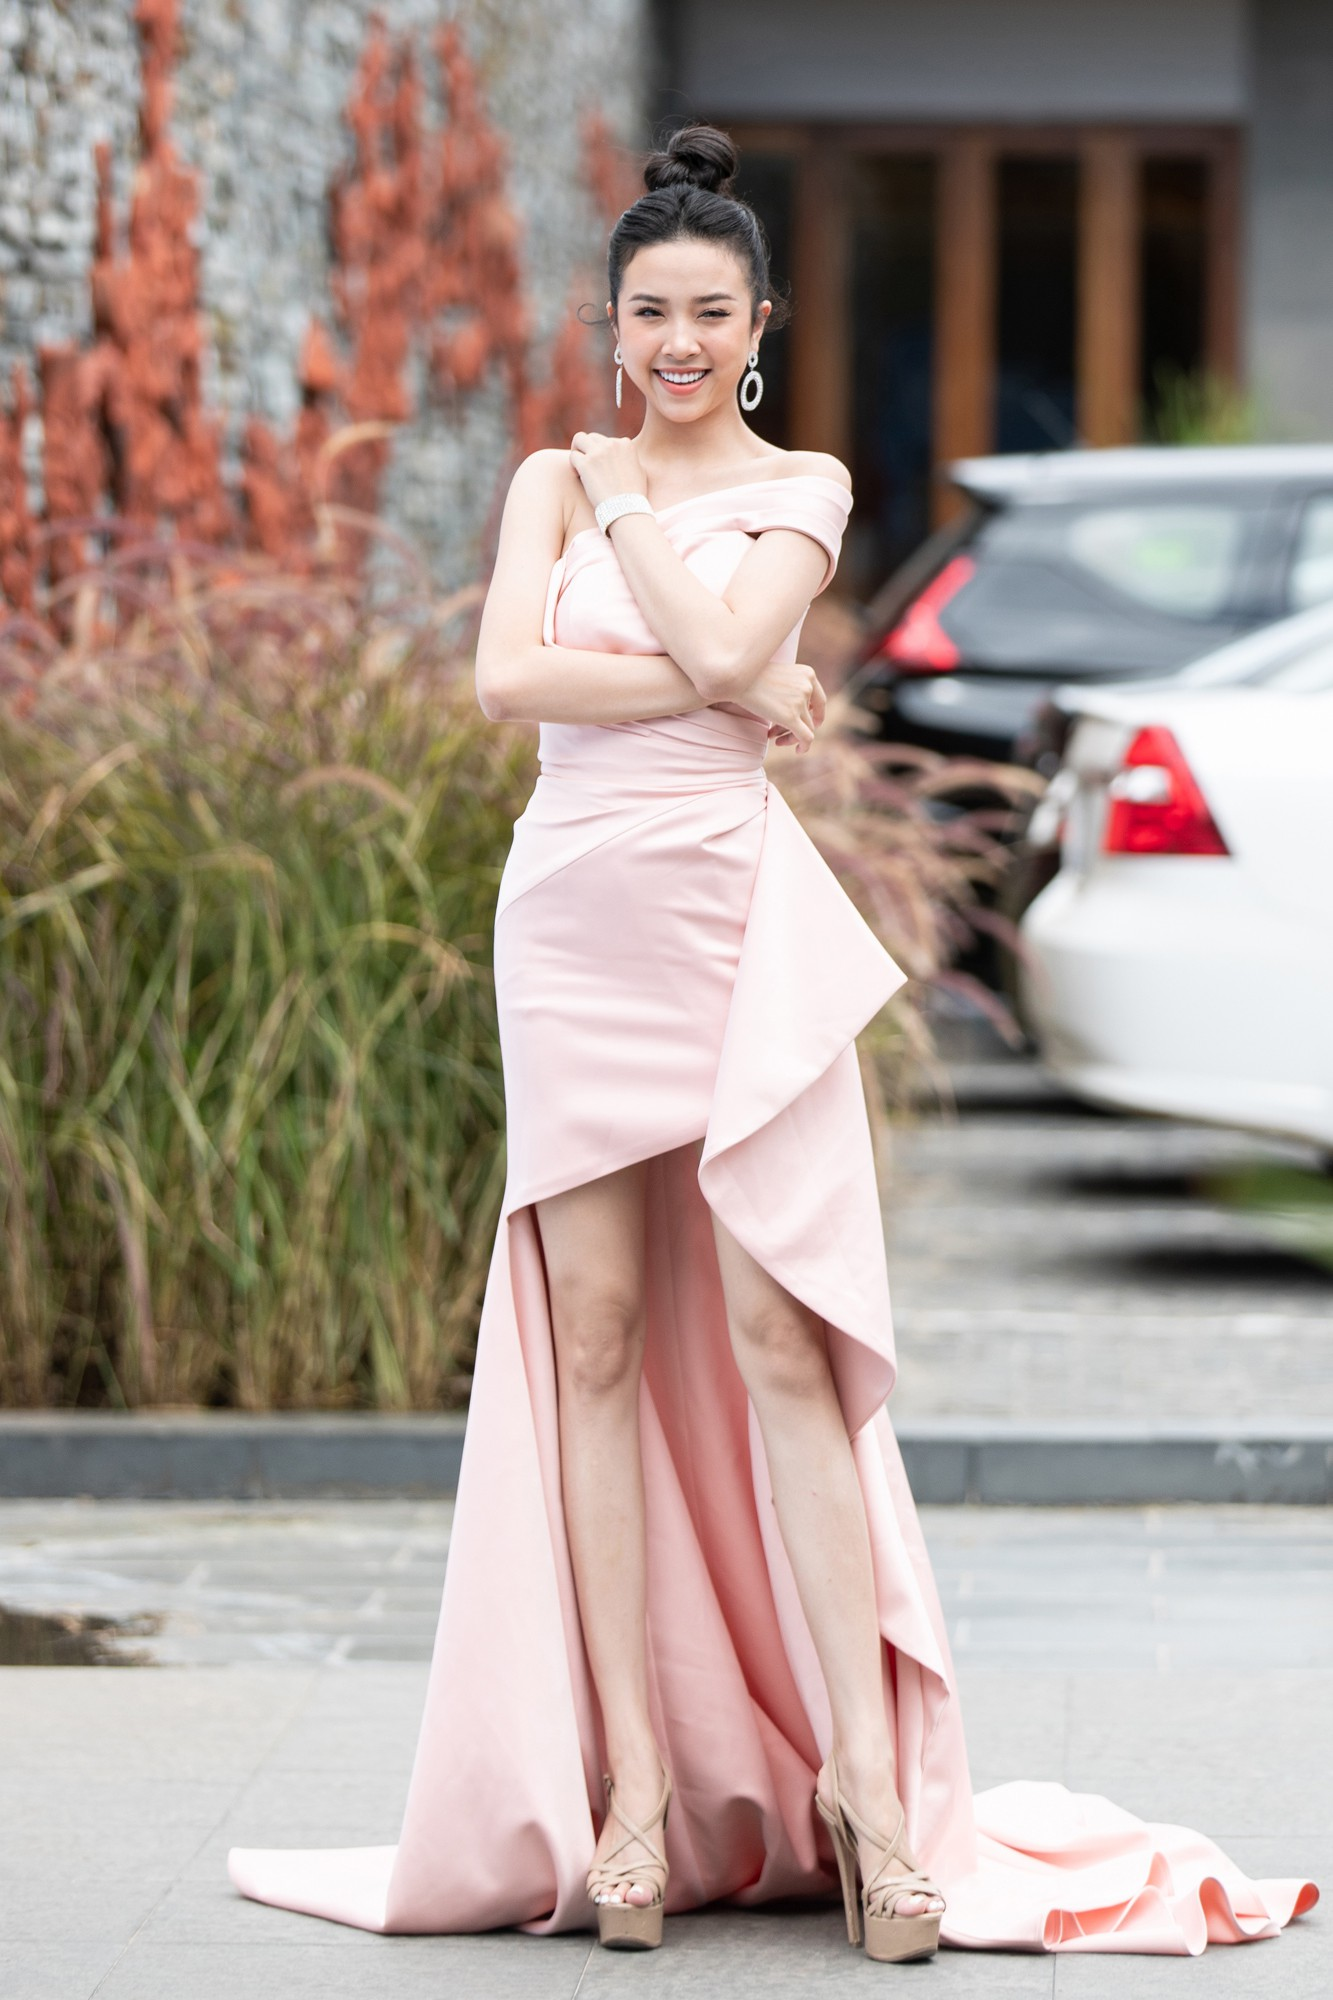 Họp báo chung kết Miss World Việt Nam 2019: Mỹ Linh - Tiểu Vy rạng rỡ đọ sắc, công bố cận cảnh vương miện 3 tỷ đồng - Ảnh 6.